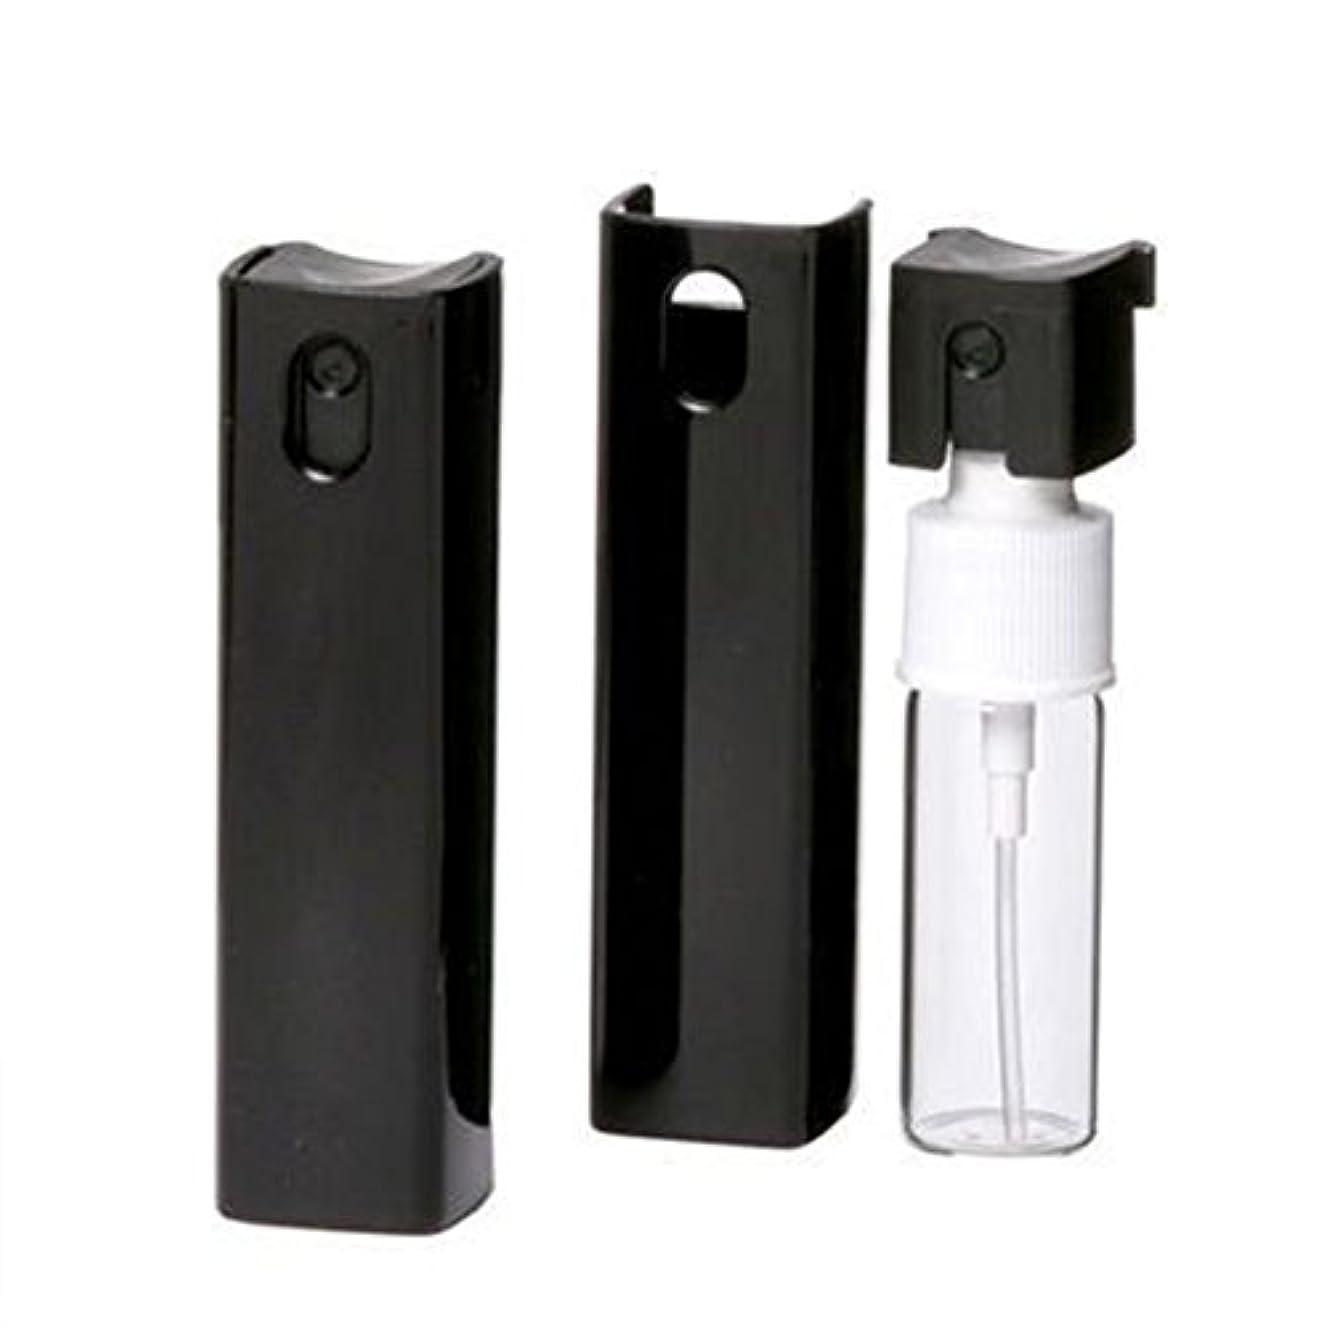 メトロポリタン証明する初心者ShopXJ 香水 メンズ アトマイザー 大人 男性 プッシュ式 詰め替え 持ち運び 身だしなみ 携帯用 10ml